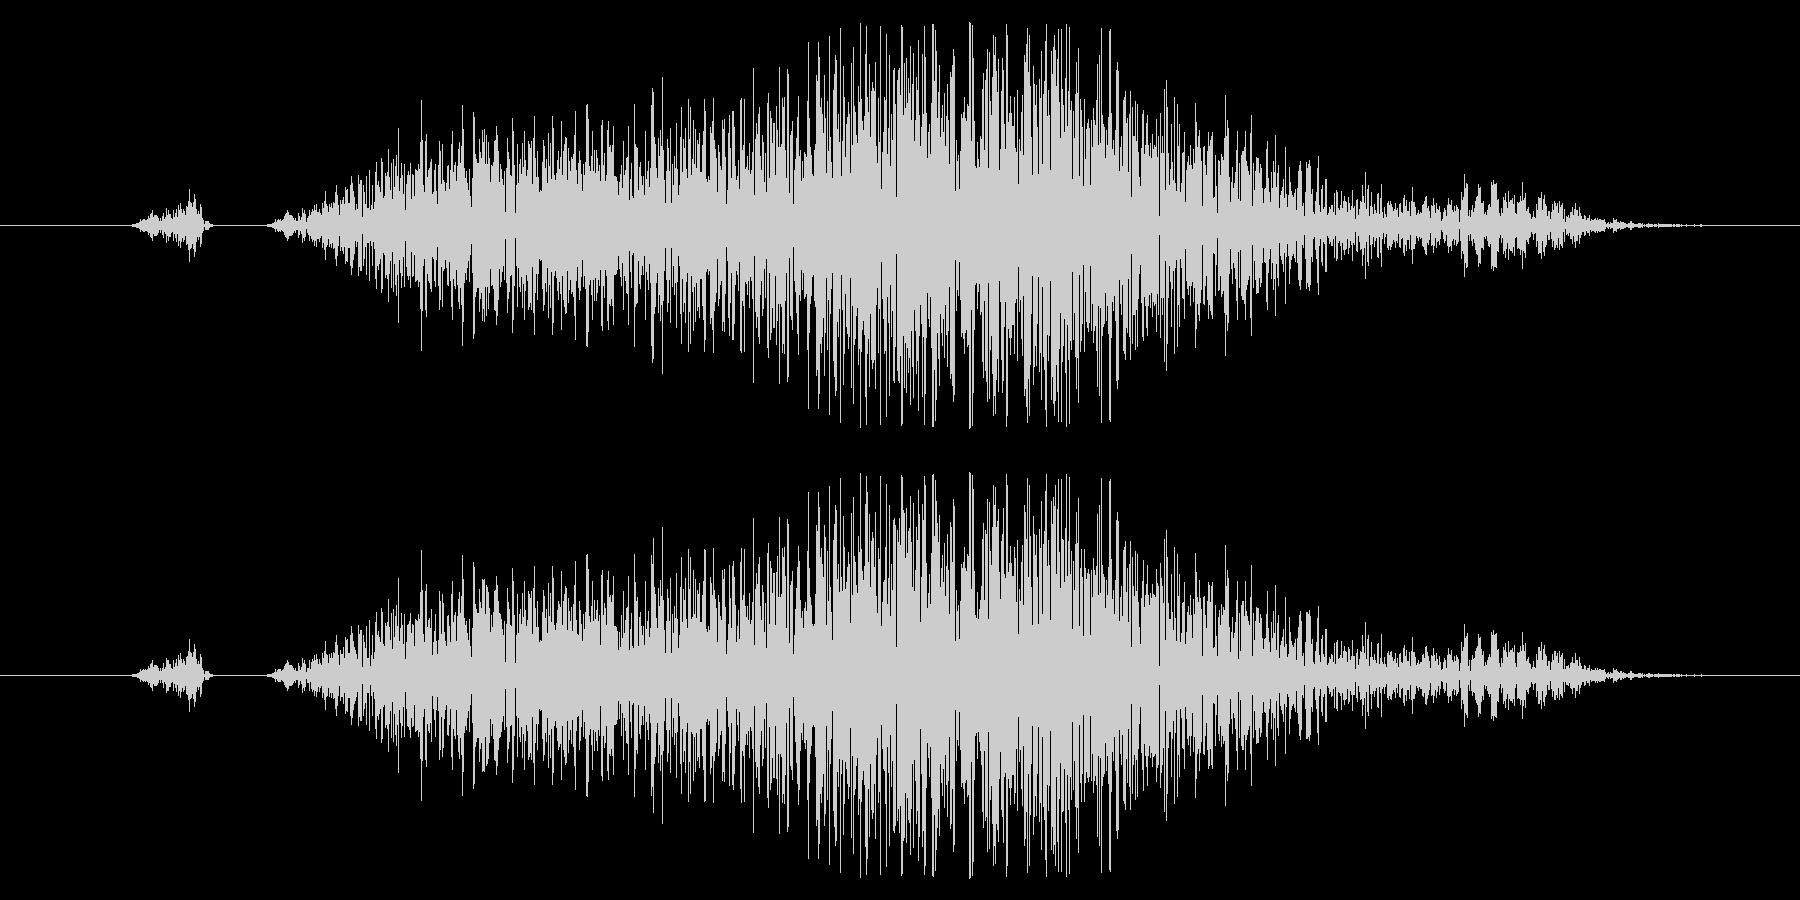 キャンセル、スワイプ効果音01の未再生の波形